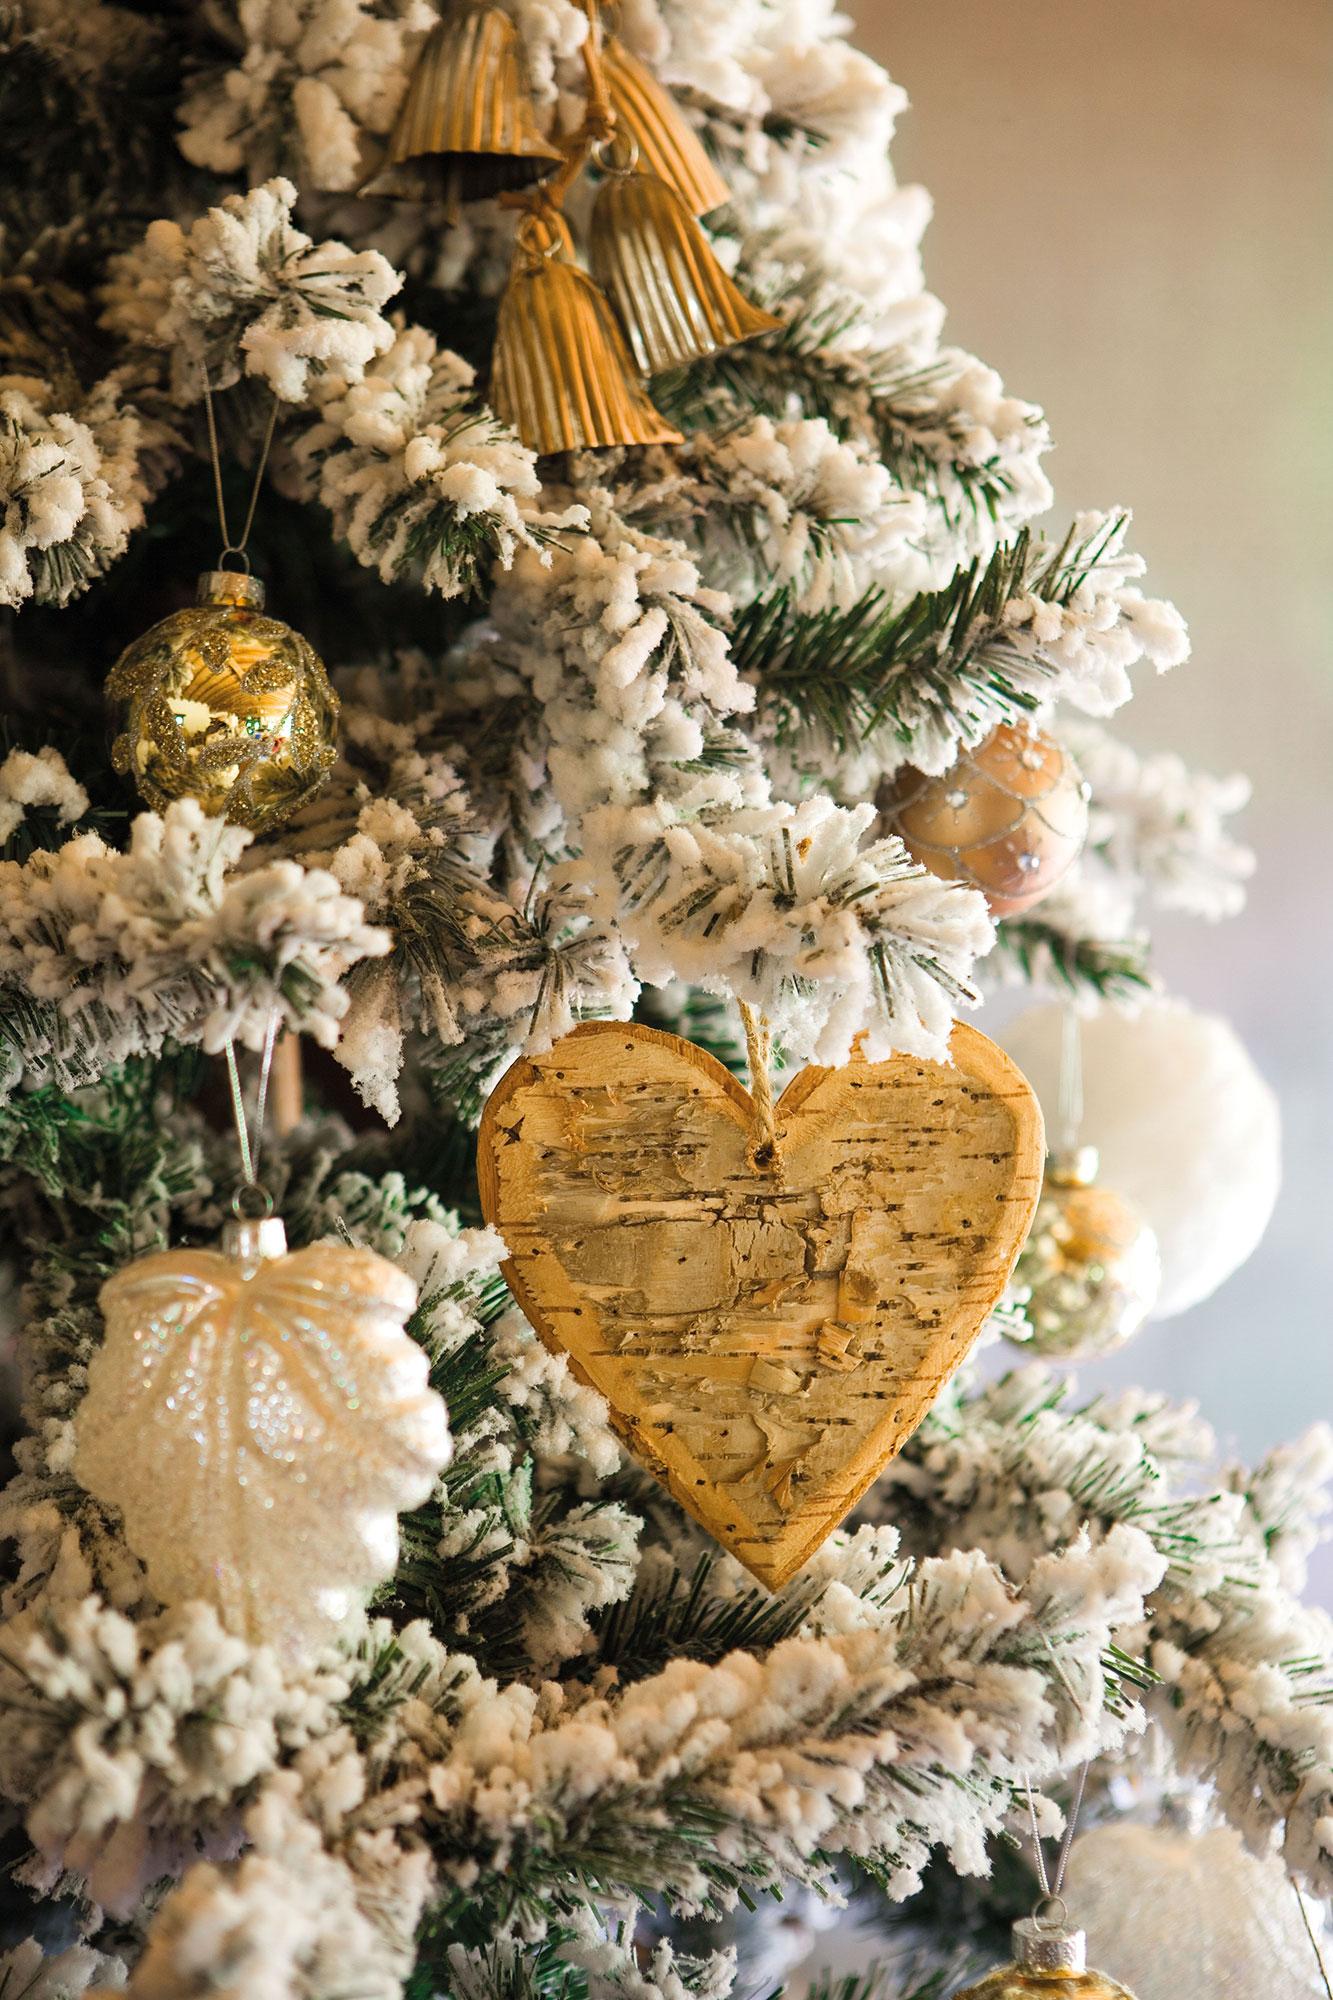 Navidad 15 ideas para decorar de fiesta tu casa for Arbol de navidad dorado